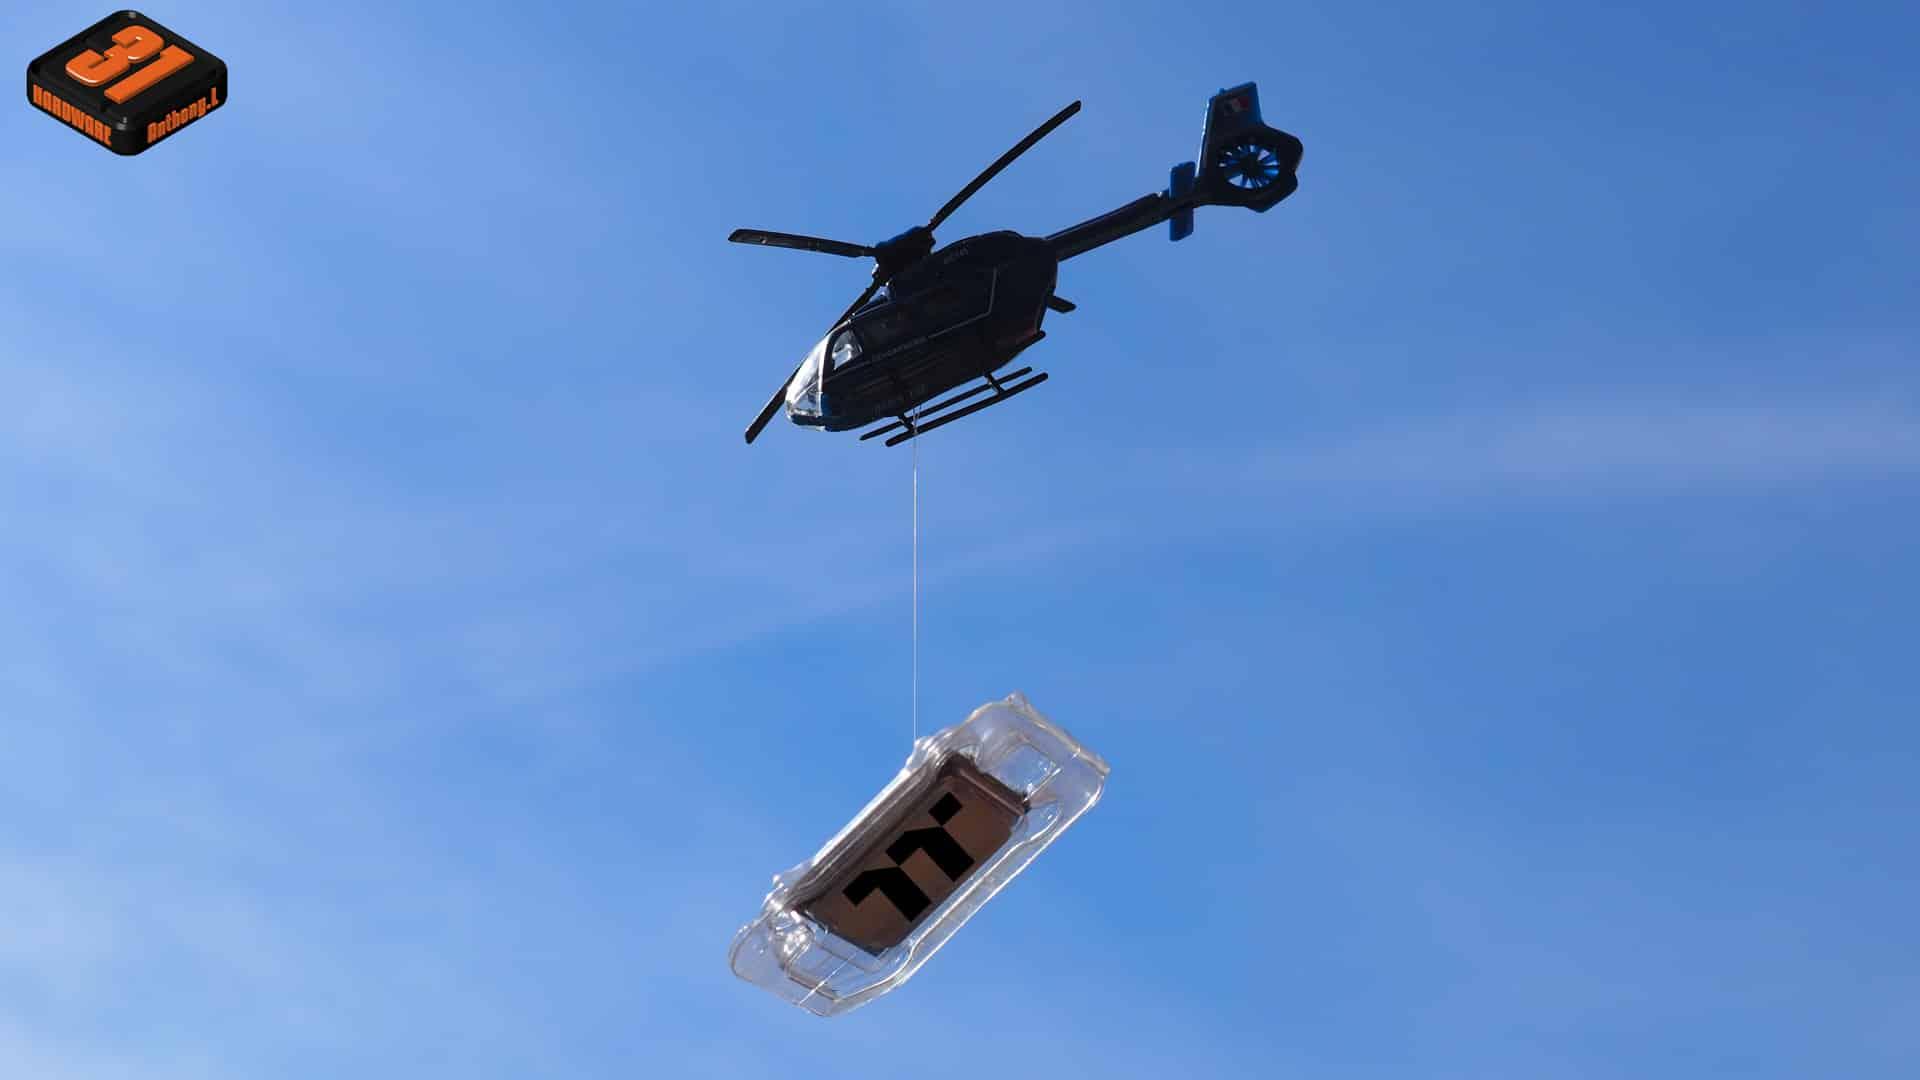 Episode 6 : Fin du  DELID 'efuite, rapatriement en hélicoptère